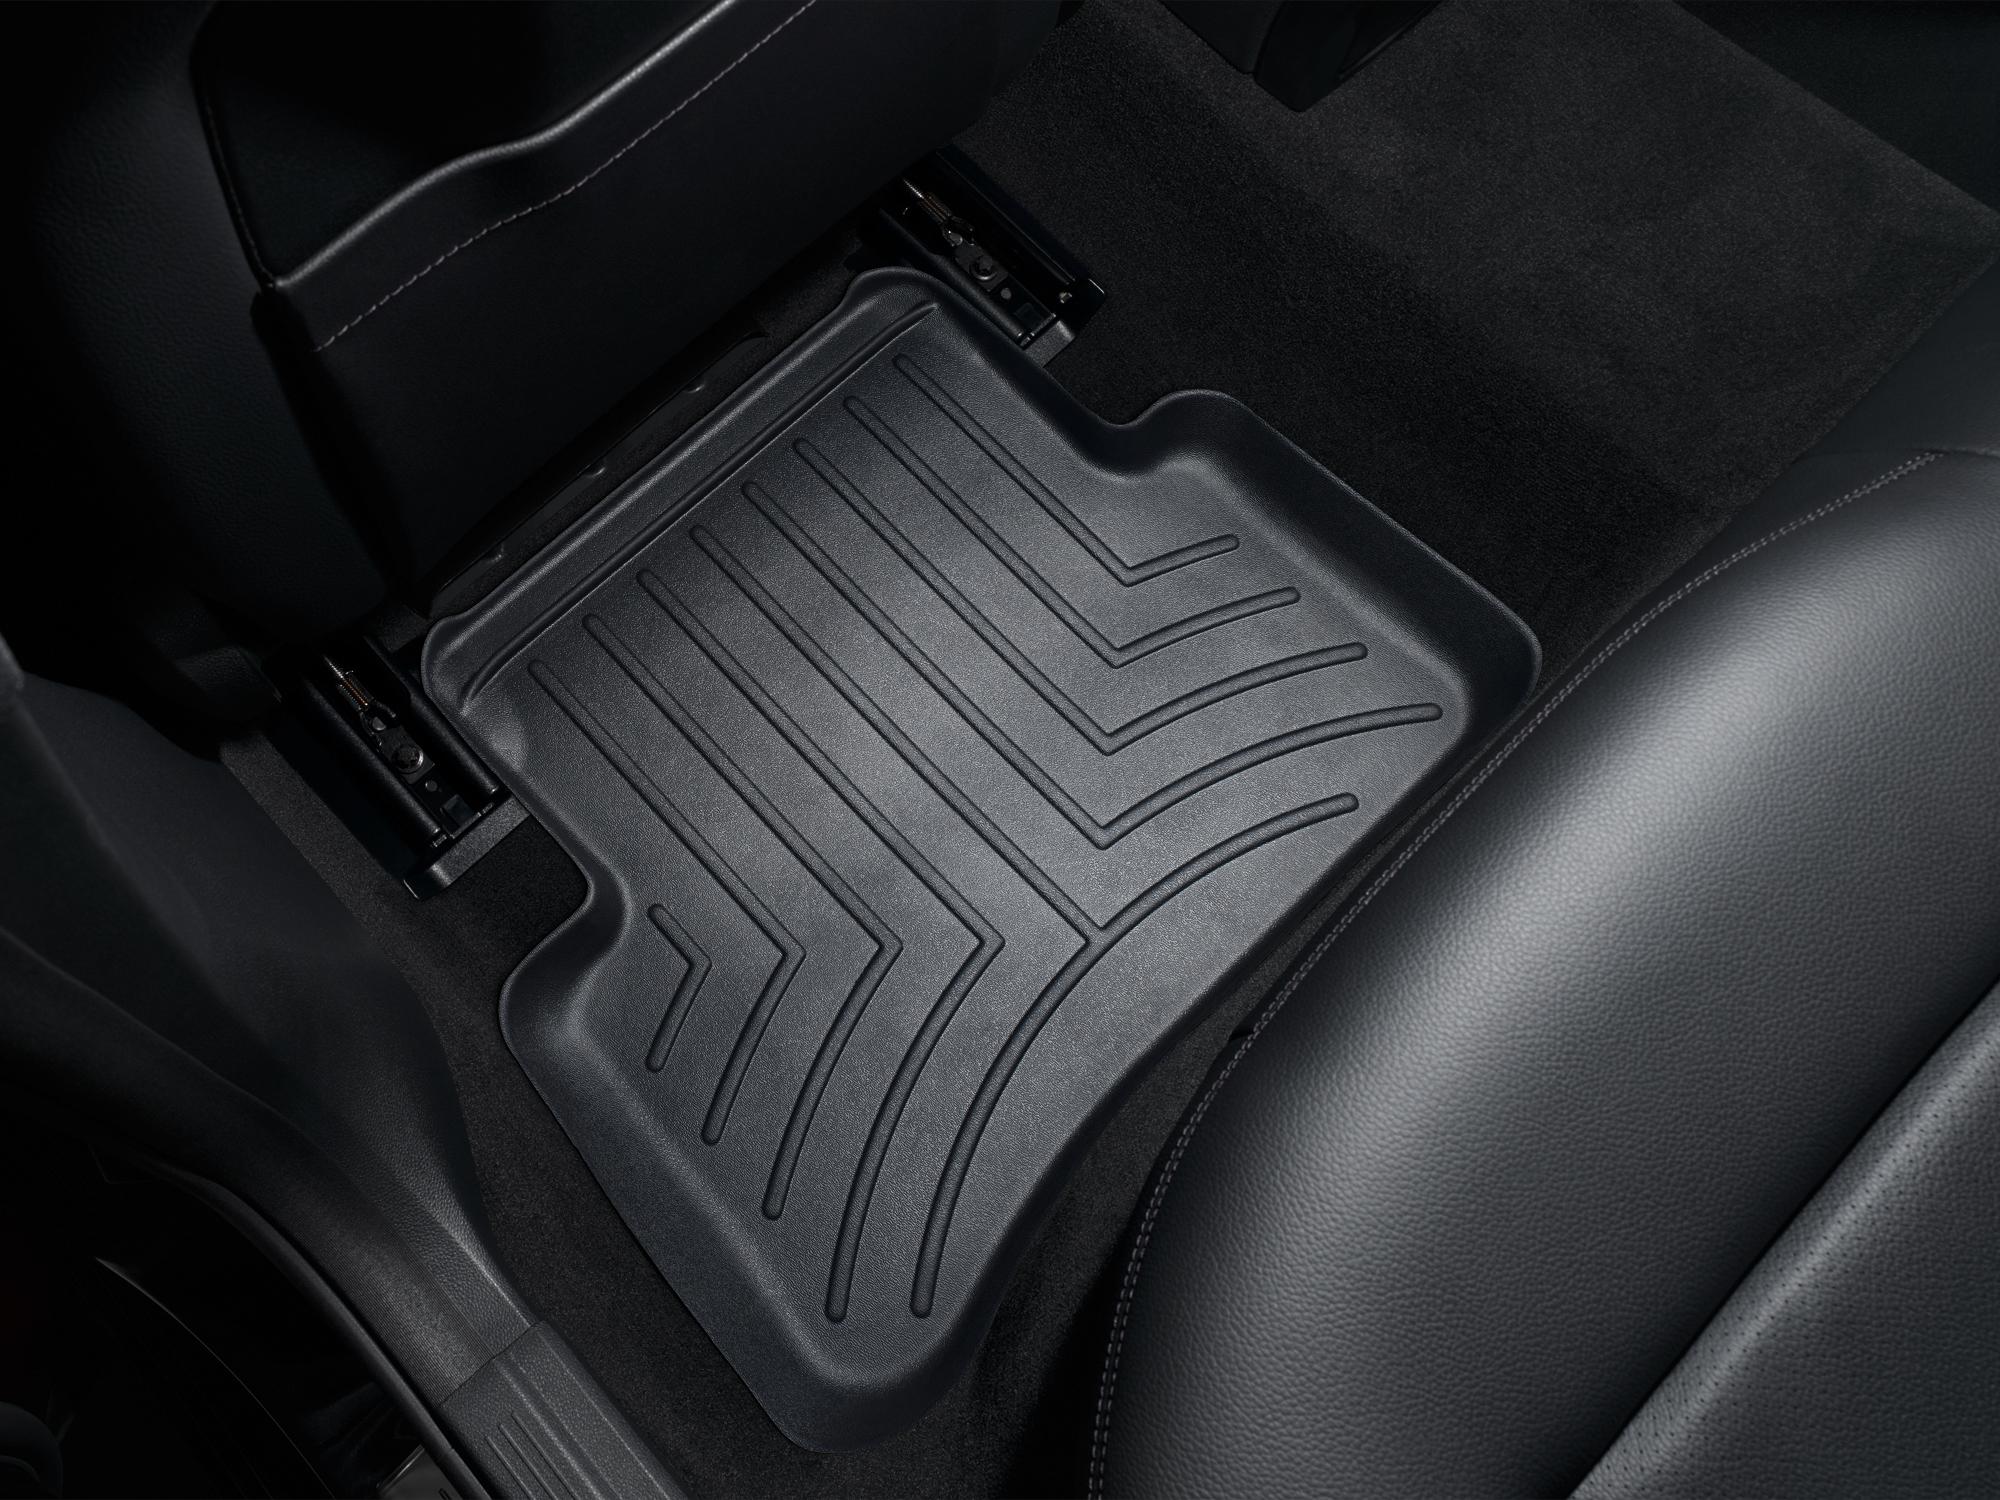 Tappeti gomma su misura bordo alto Mercedes CLS-Class 11>17 Nero A2331*